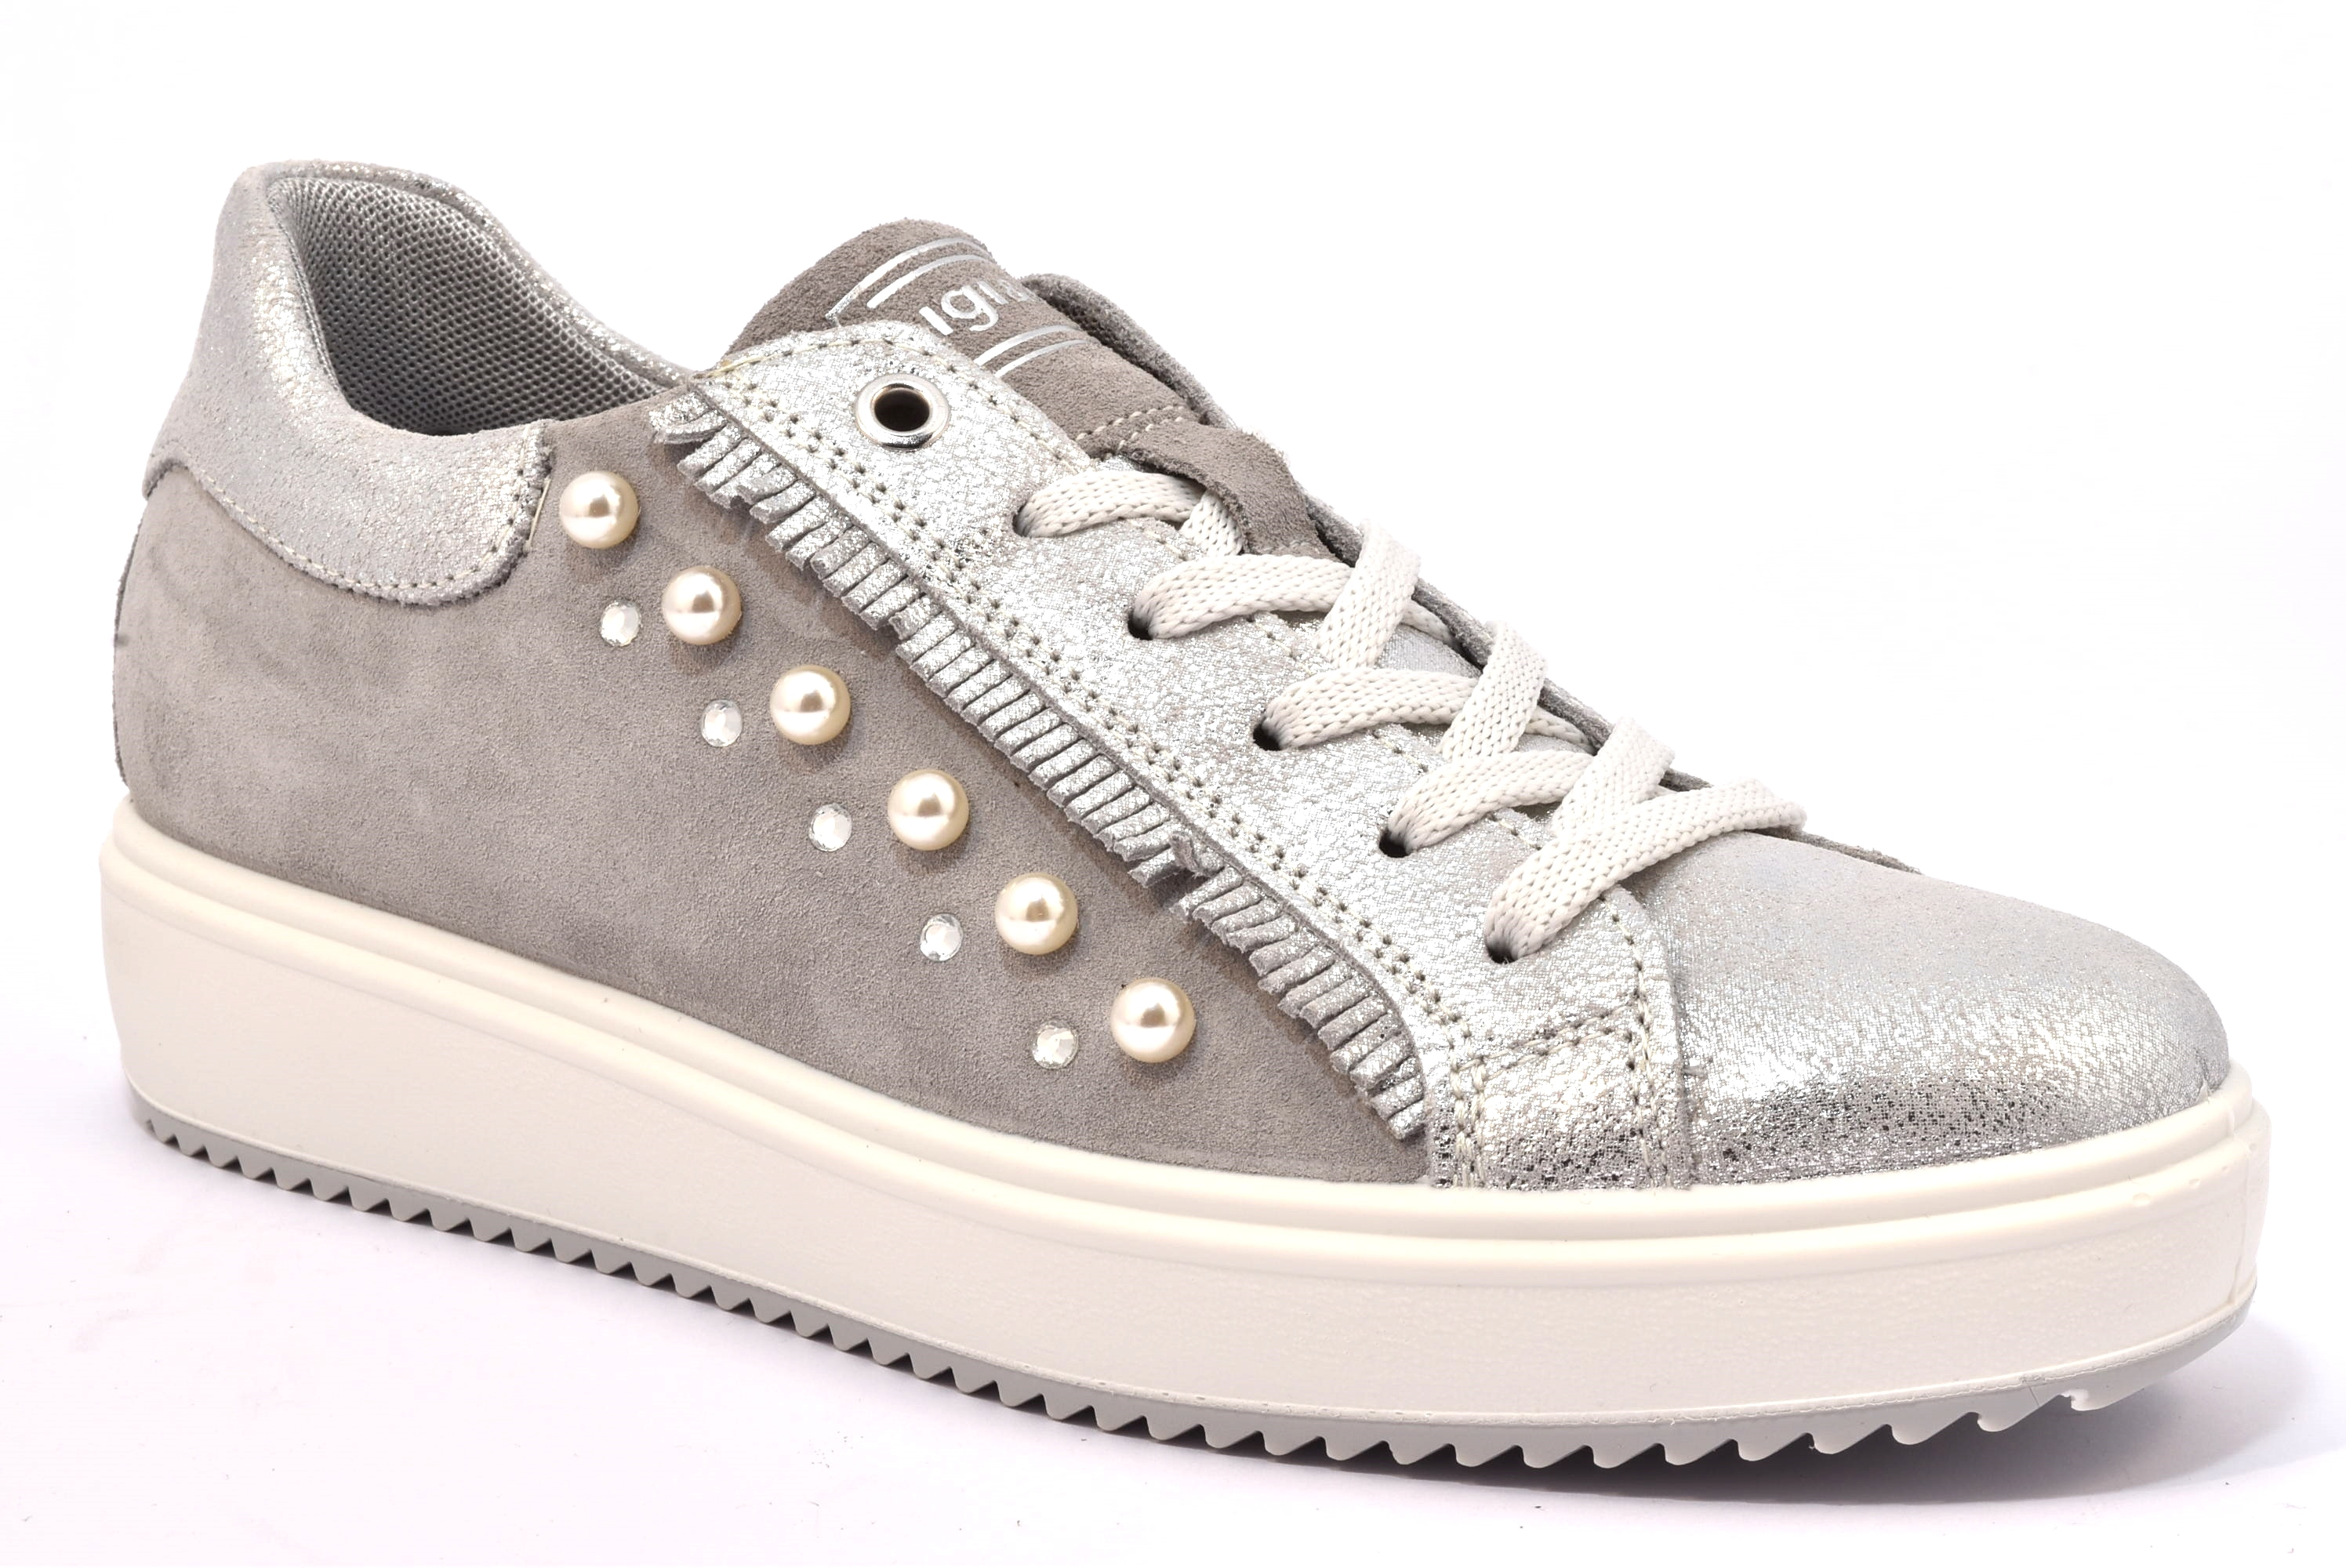 IGI CO 1148722 ARGENTO SCAMOSCIATO scarpe sneakers donna primavera estate  estive allacciate stringate fb97b48a5e3